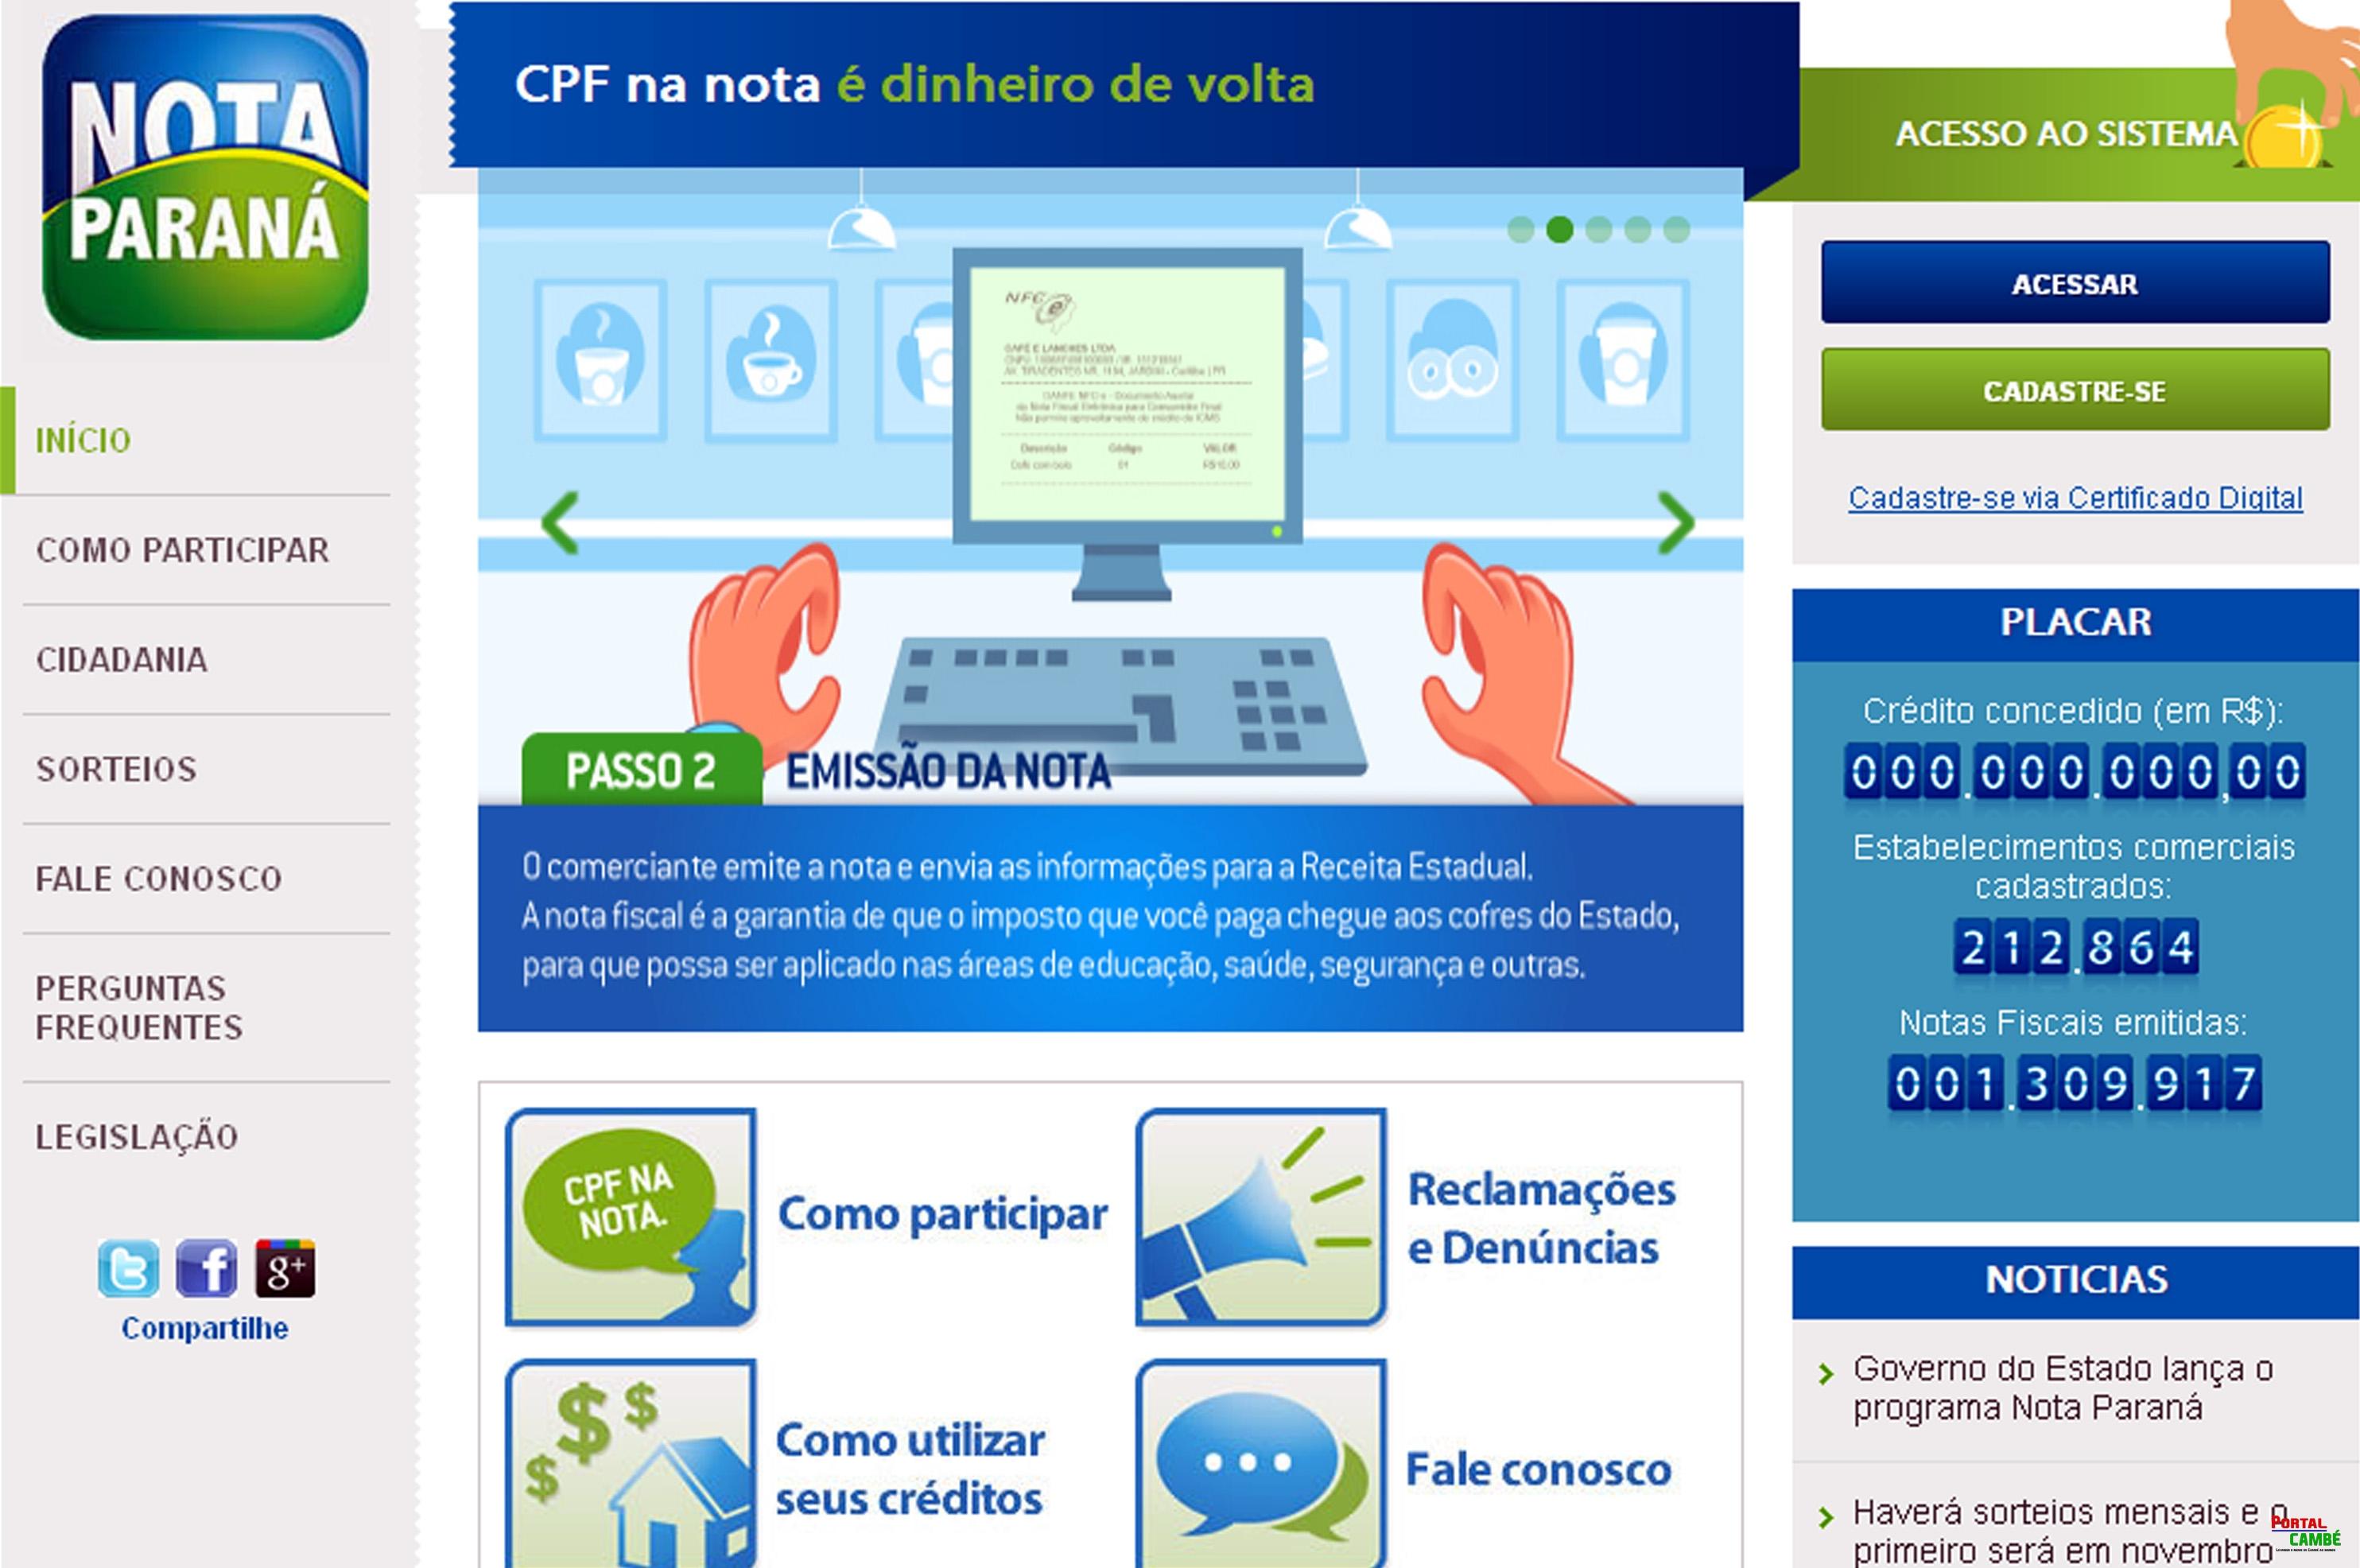 Programa Nota Paraná. No endereço www.notaparana.pr.gov.br, veja como participar da campanha. Foto: Reprodução da página